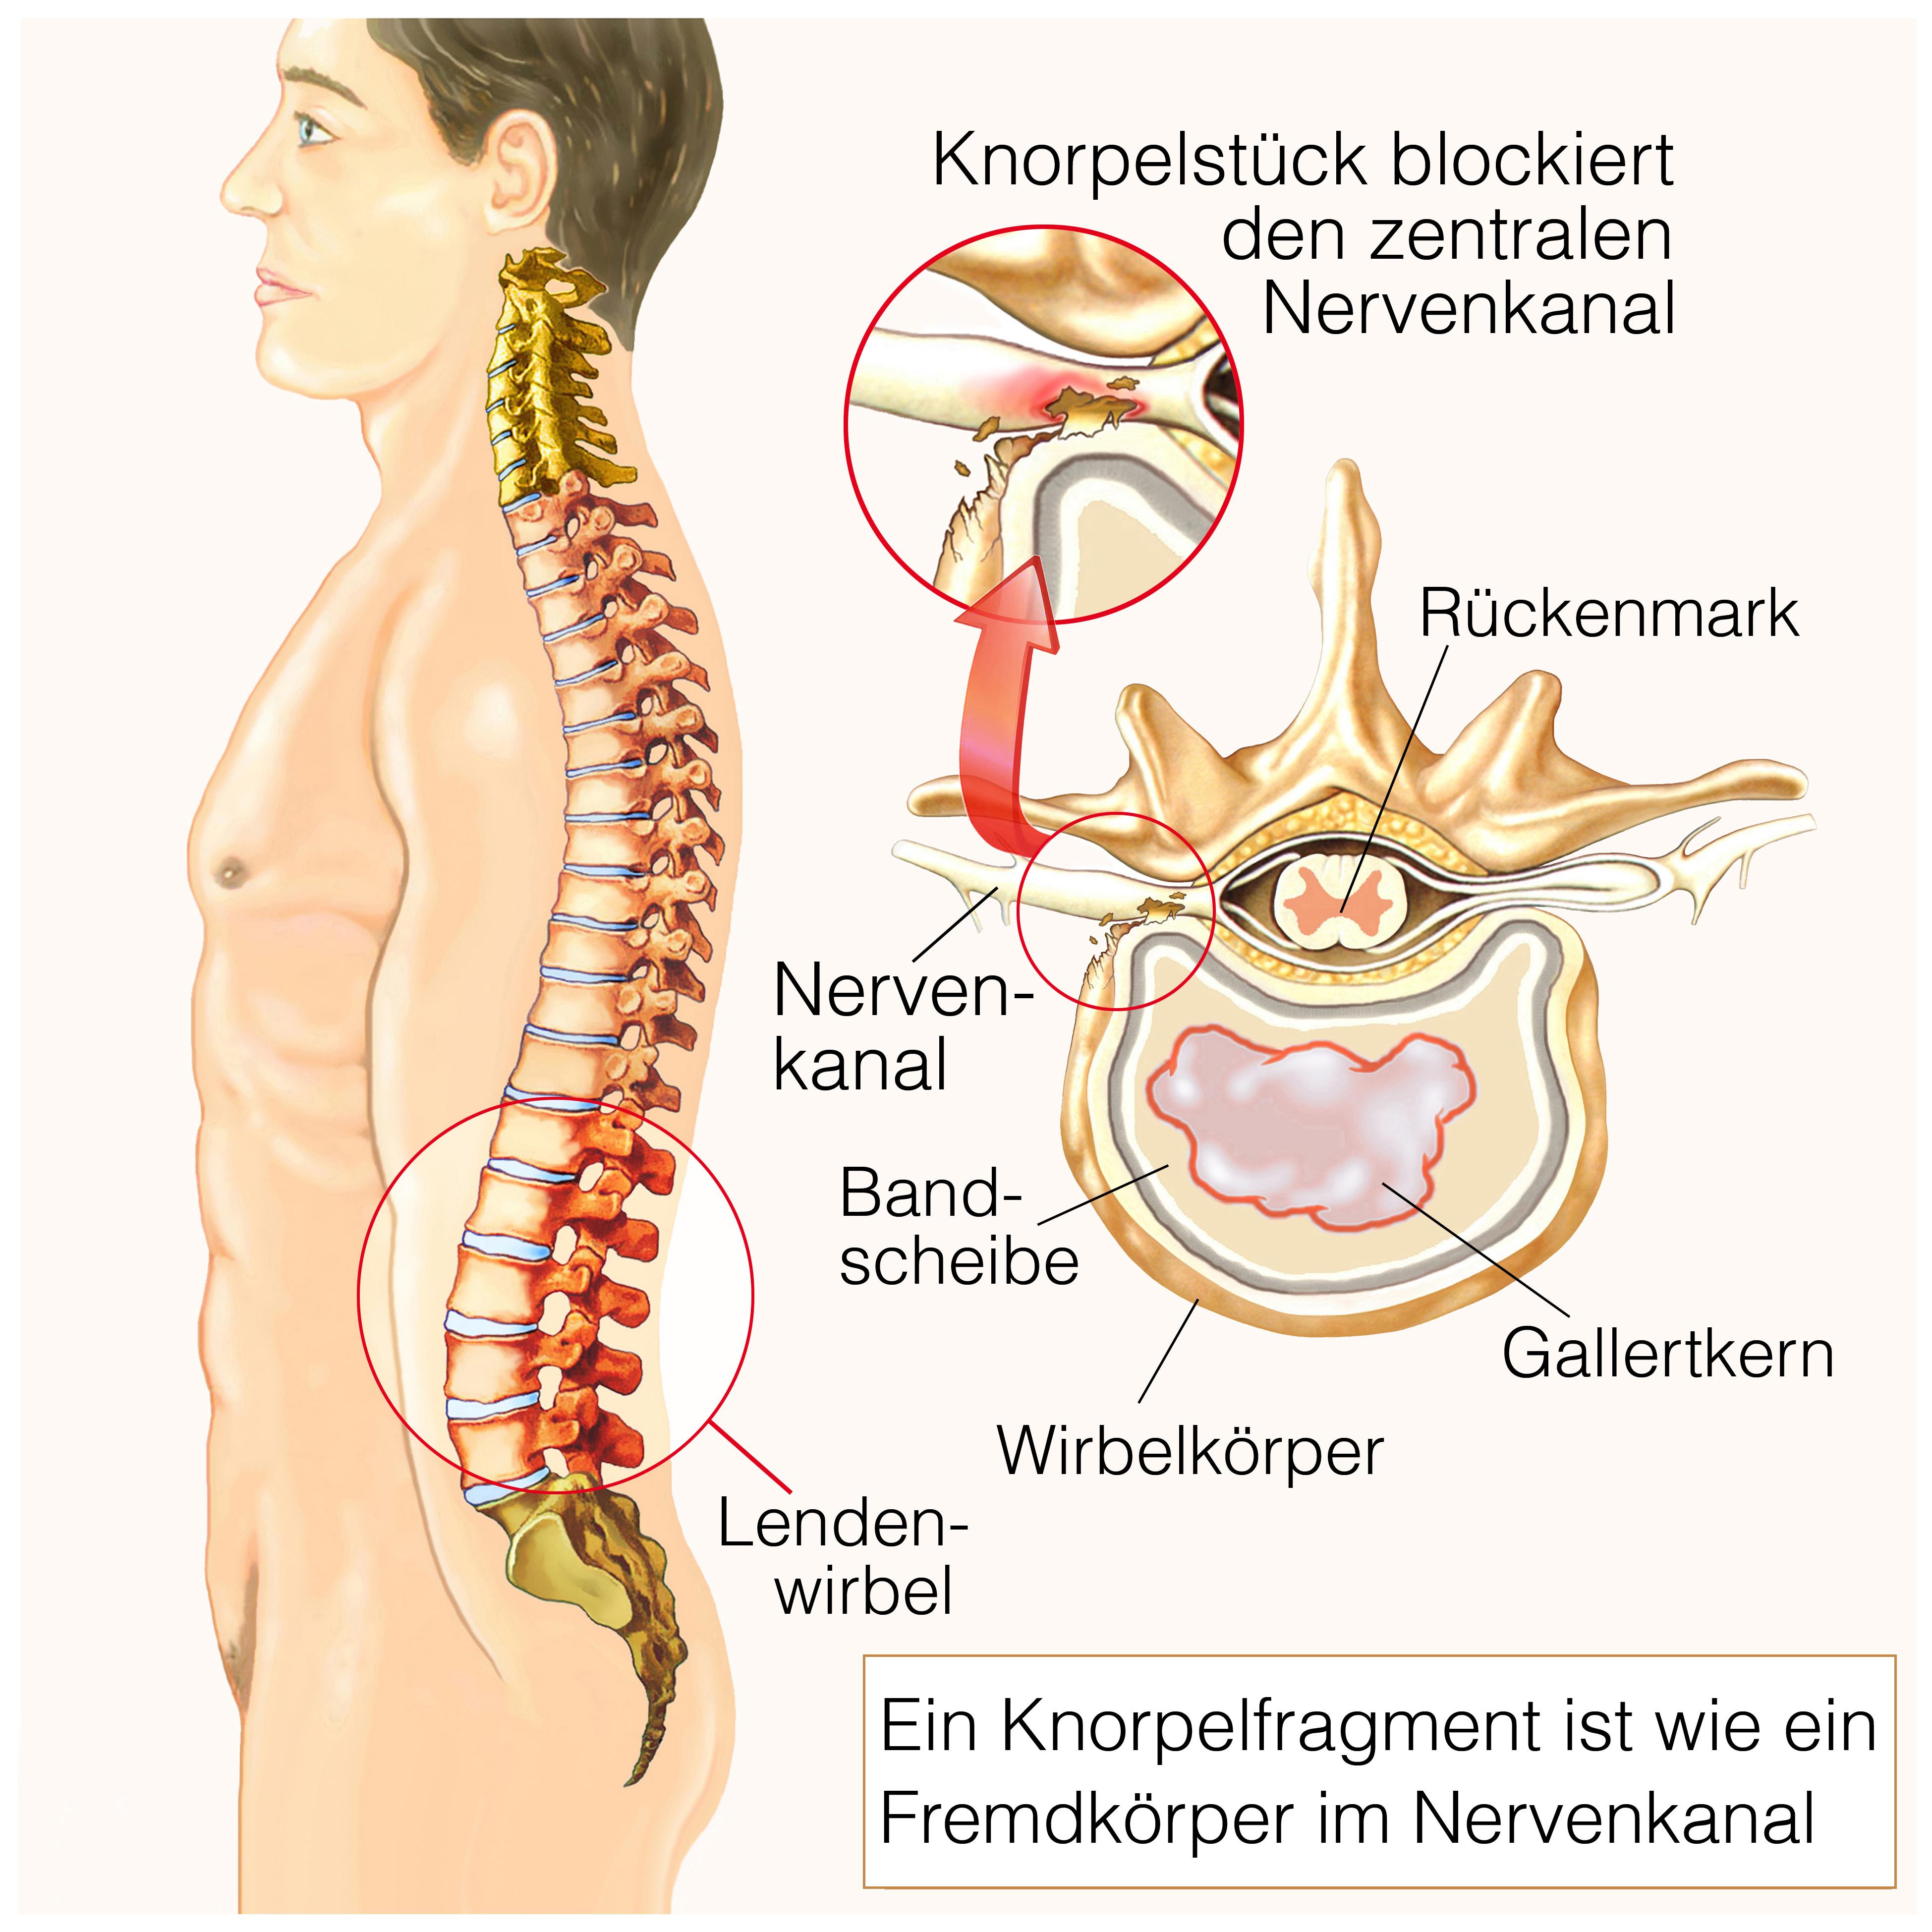 Die Schmerzen in recht der Seite des Rückens bei den Monatlichen